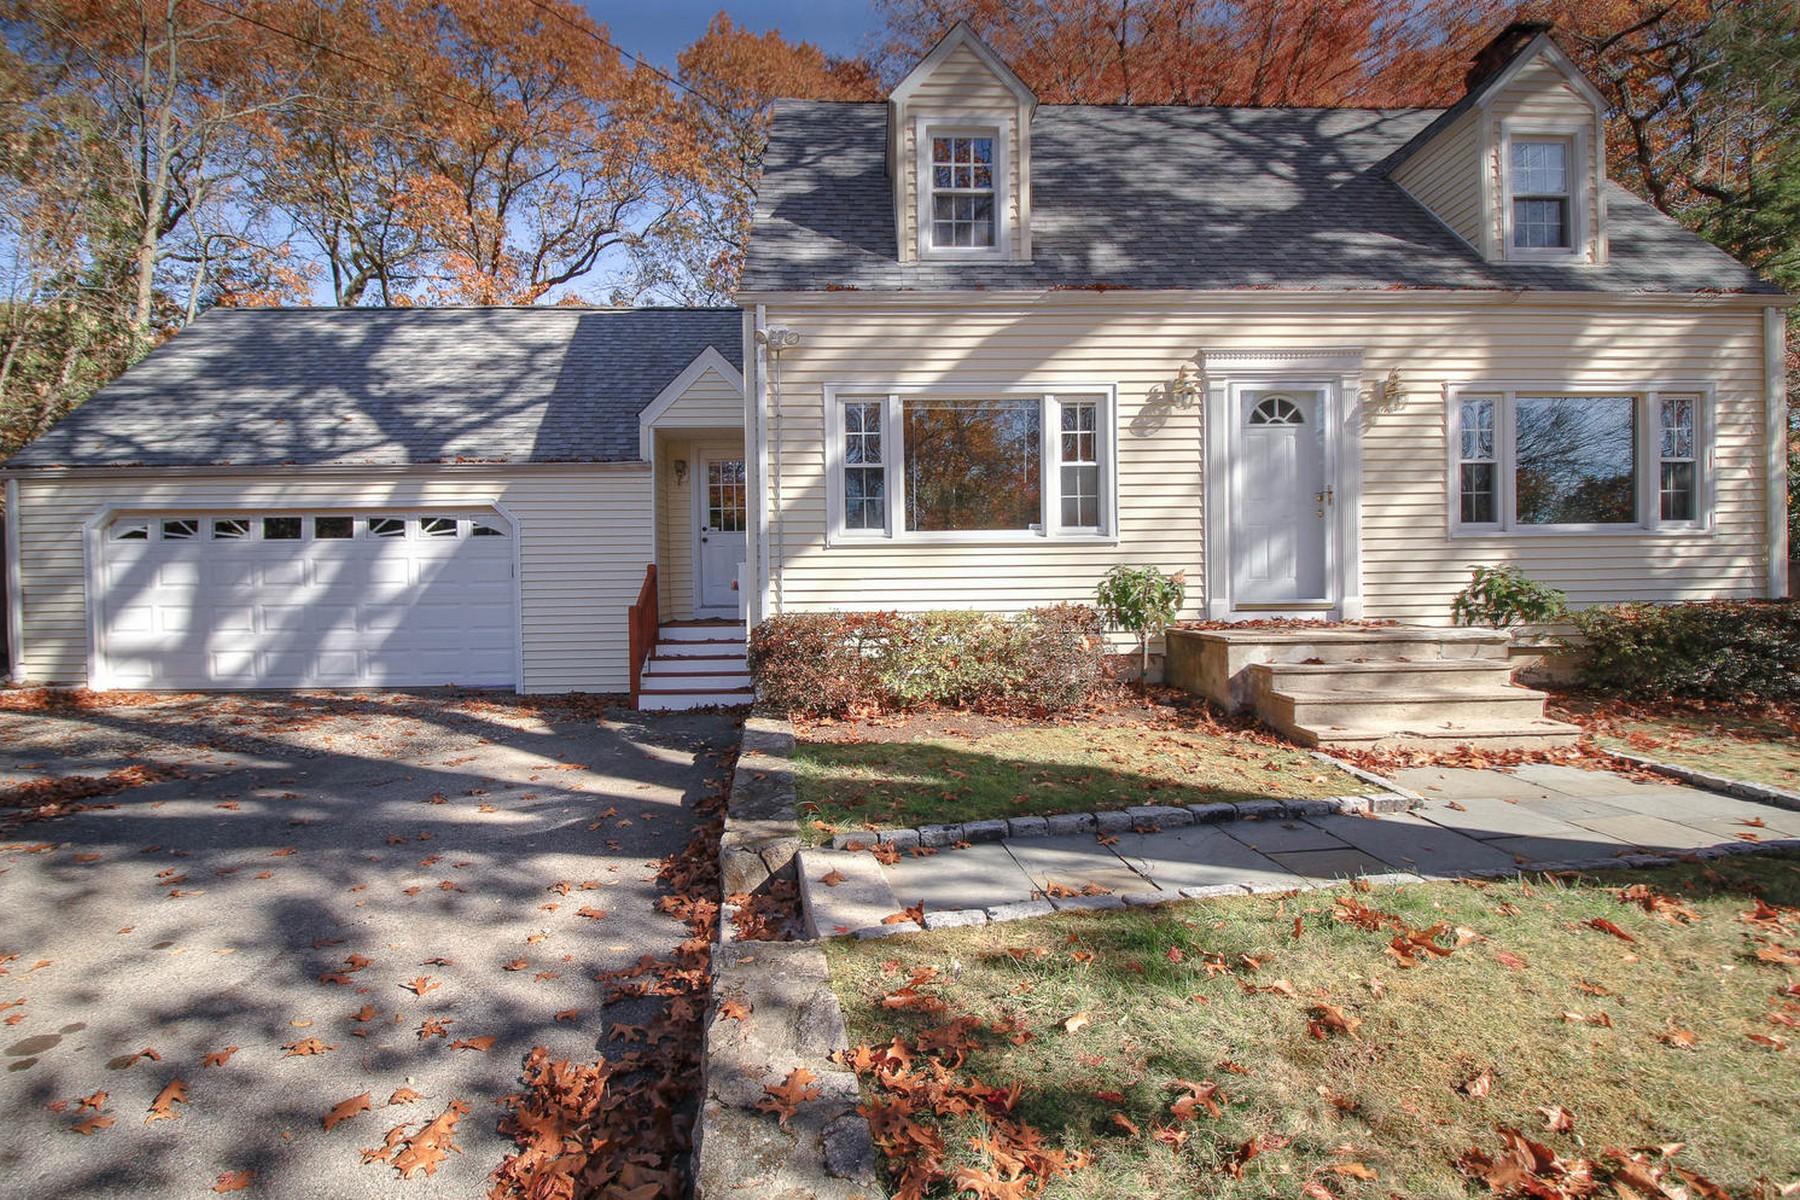 独户住宅 为 销售 在 Privacy Meets Convenience! 52 Glen Avenue 诺瓦克, 康涅狄格州, 06850 美国